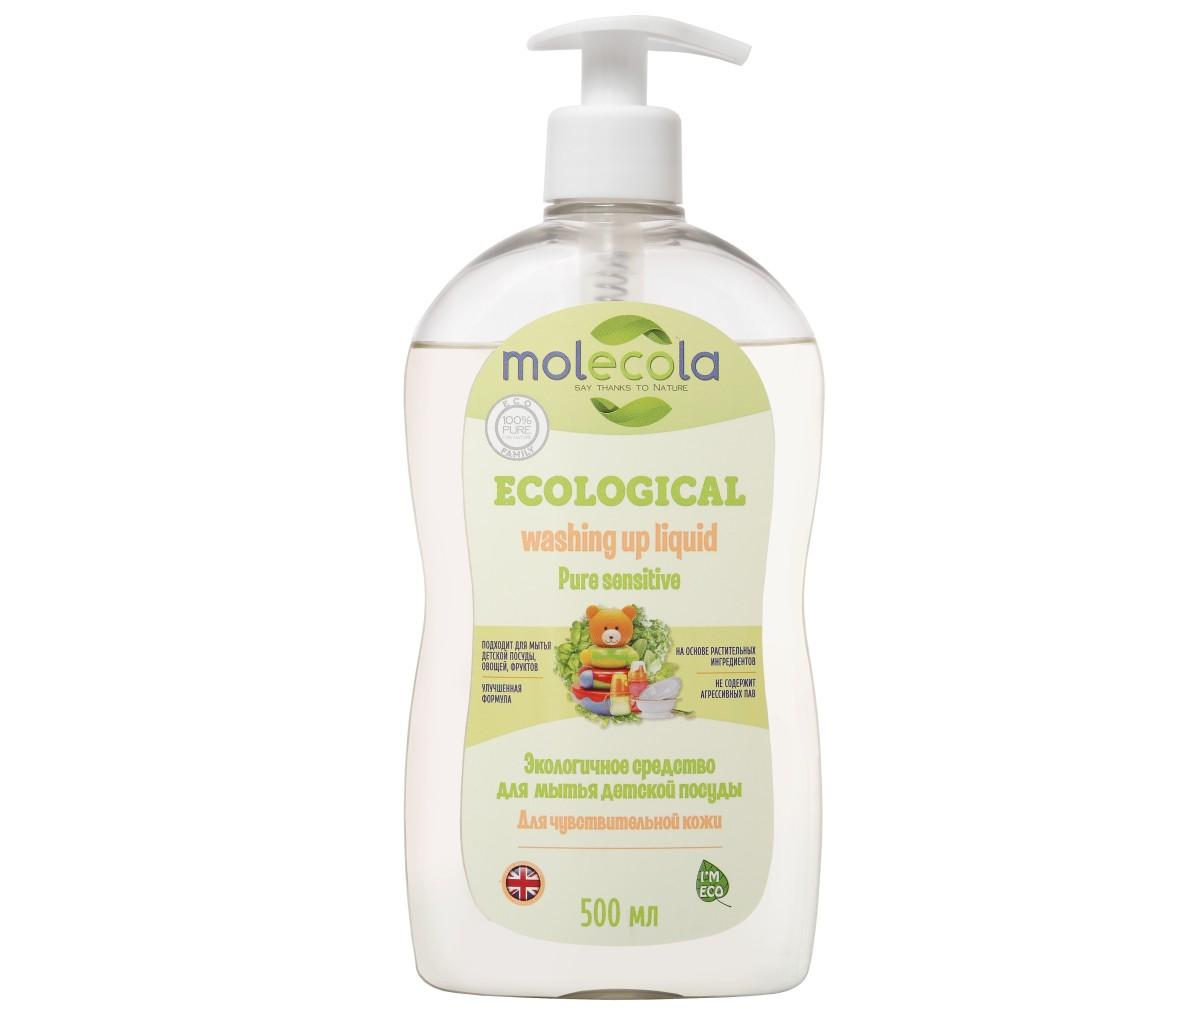 Средство для мытья детской посуды Molecola Pure Sensitive, экологичное, 500 мл391602Средство Molecola Pure Sensitive гипоаллергенное, концентрированное средство для мытья детской посуды с нежным ароматом. Средство подходит длямытья сосок, бутылок, прорезывателей, а так же кухонных принадлежностей.Может использоваться для мытья овощей и фруктов. Мягко воздействует на кожу рук, не раздражая ее. Новая формула на основе безопасных растительных ингредиентов обеспечивает высокую эффективность и экологичность использования. Состав: Вода , > 5% анионные ПАВ, глицерин, > 5% аморфные ПАВ, загуститель (ксантановая камедь), консервант, отдушка, лимонная кислота.Товар сертифицирован.